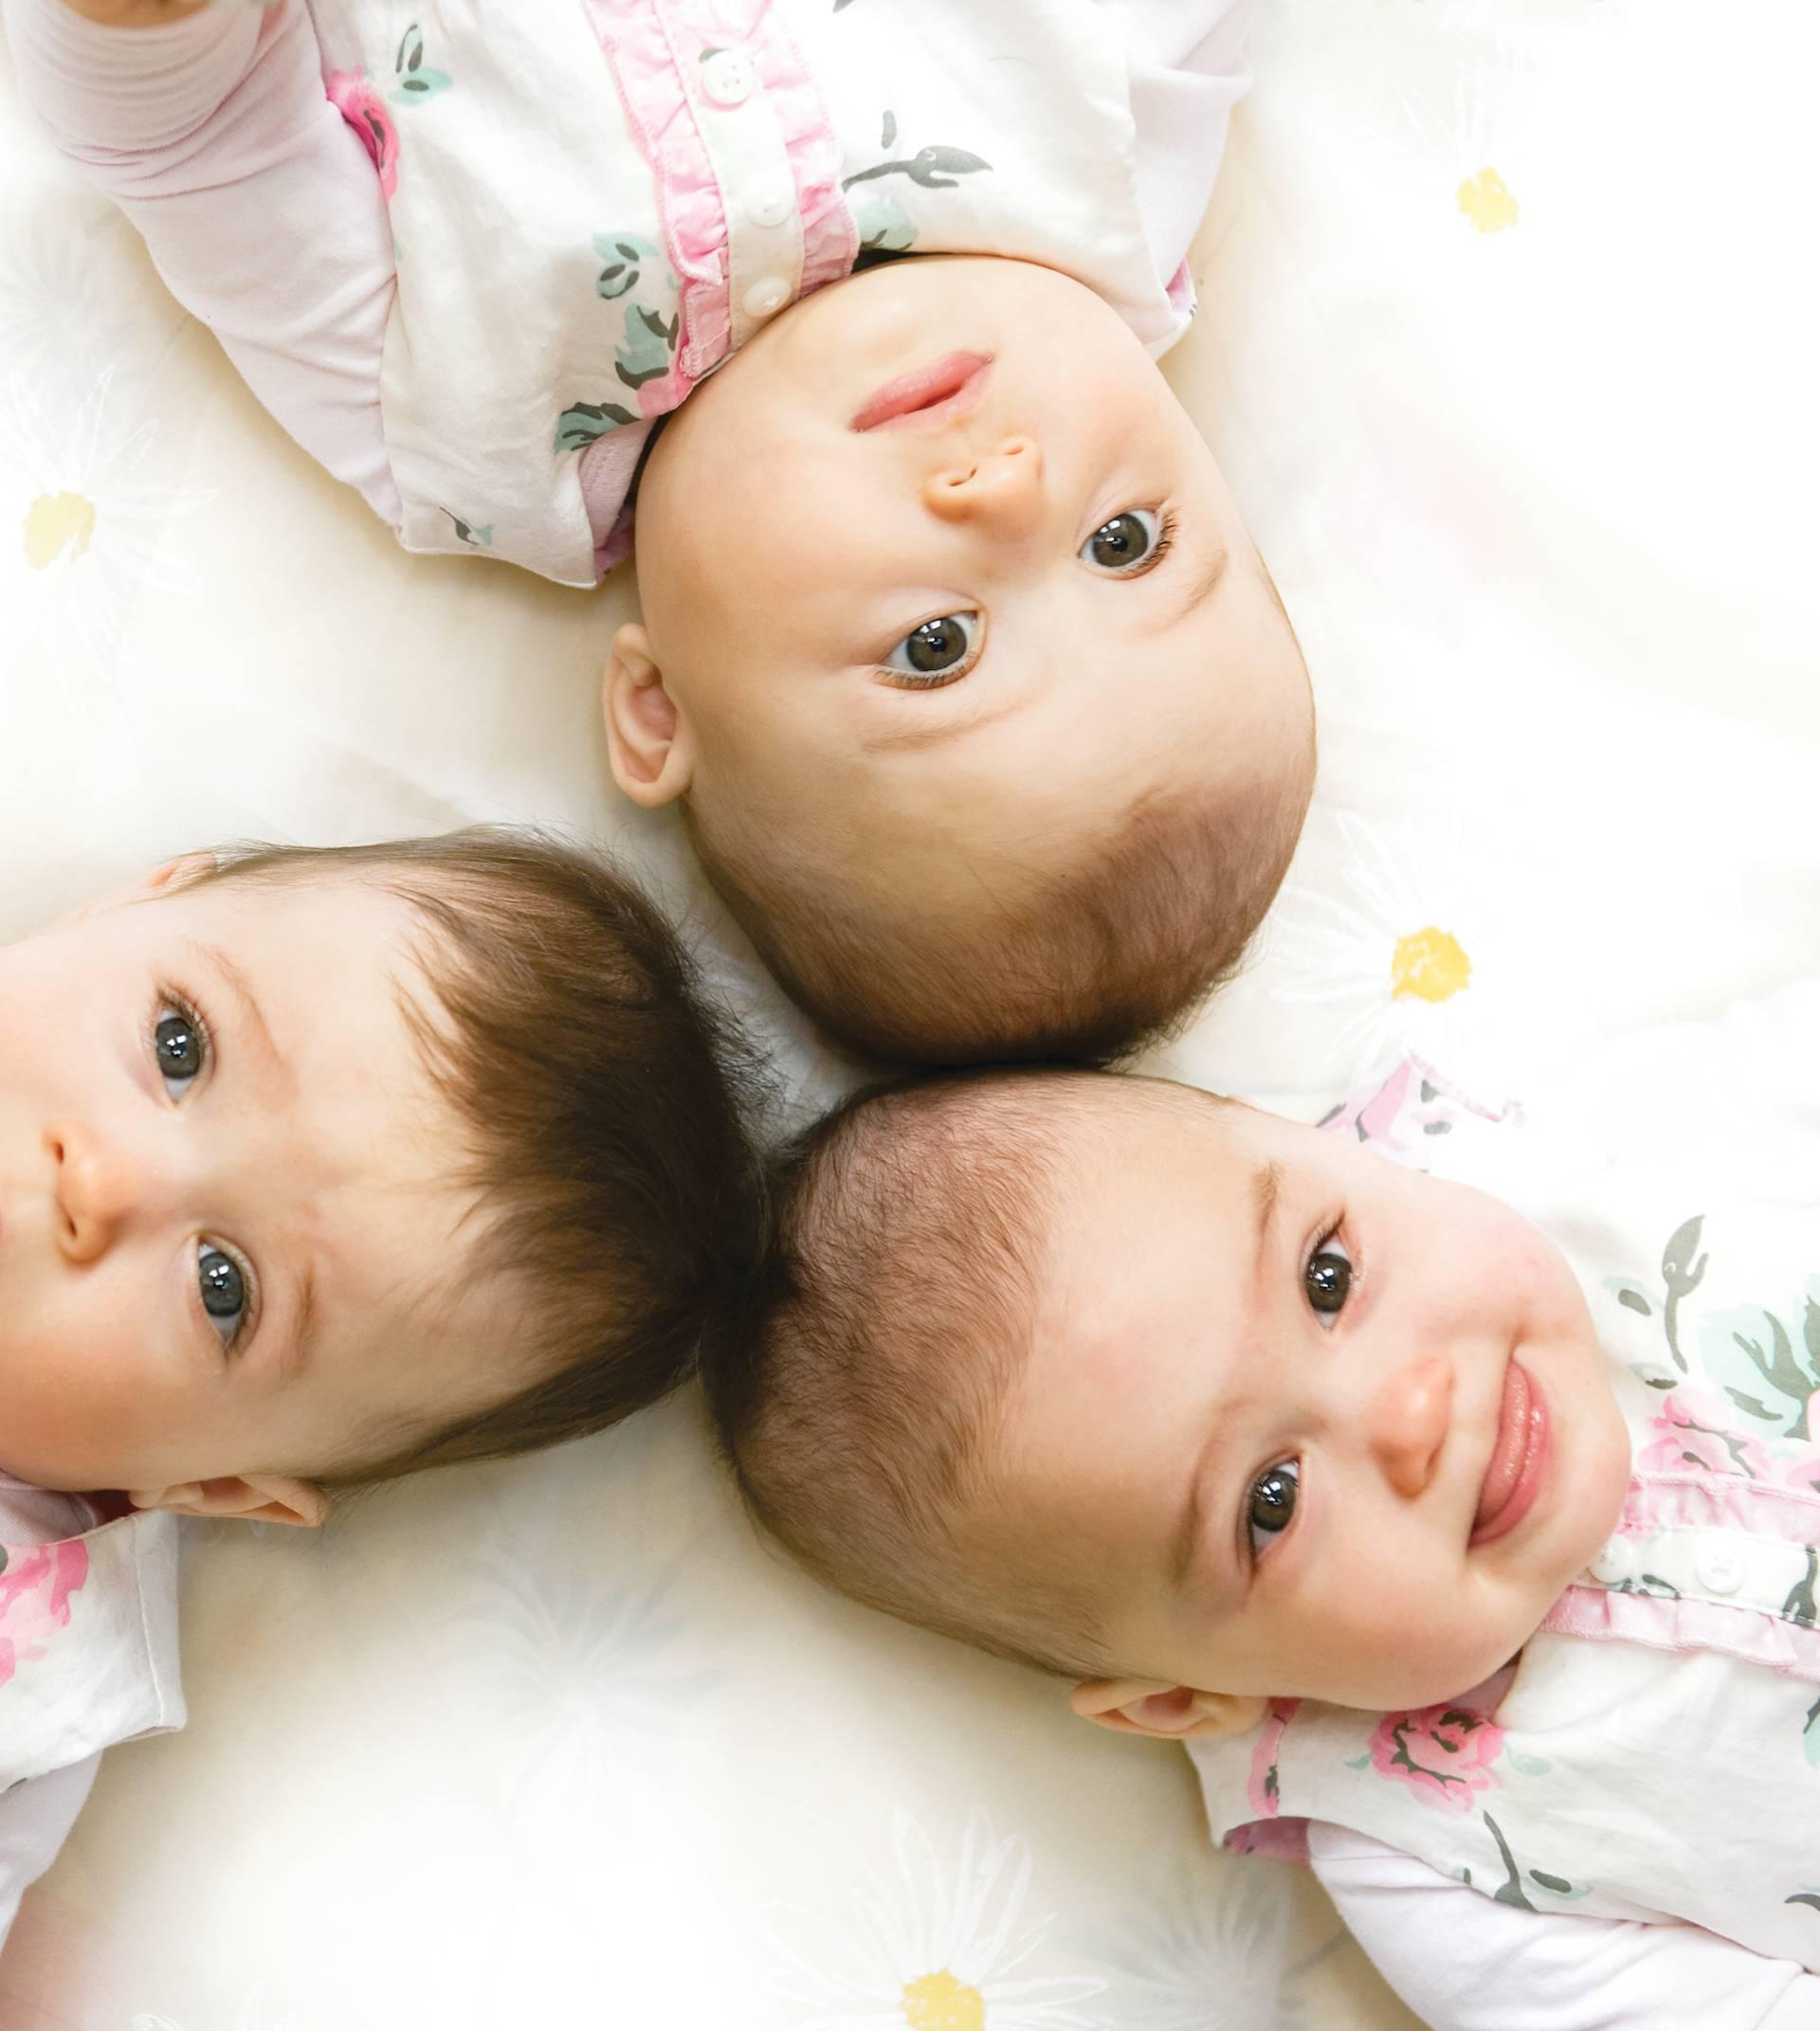 Sweet triplet